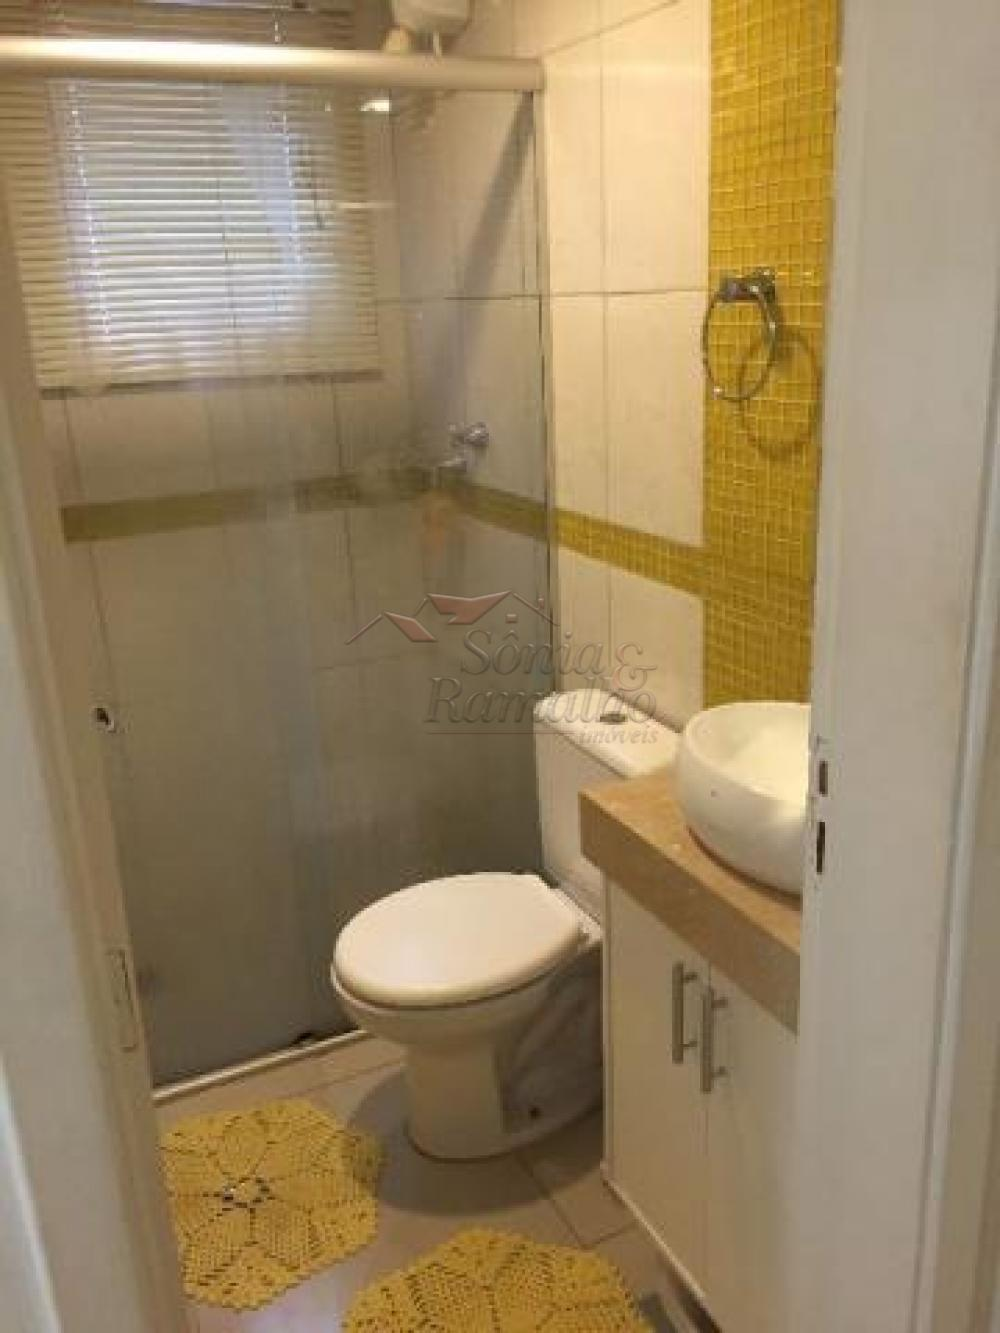 Comprar Apartamentos / Padrão em Ribeirão Preto apenas R$ 195.000,00 - Foto 11